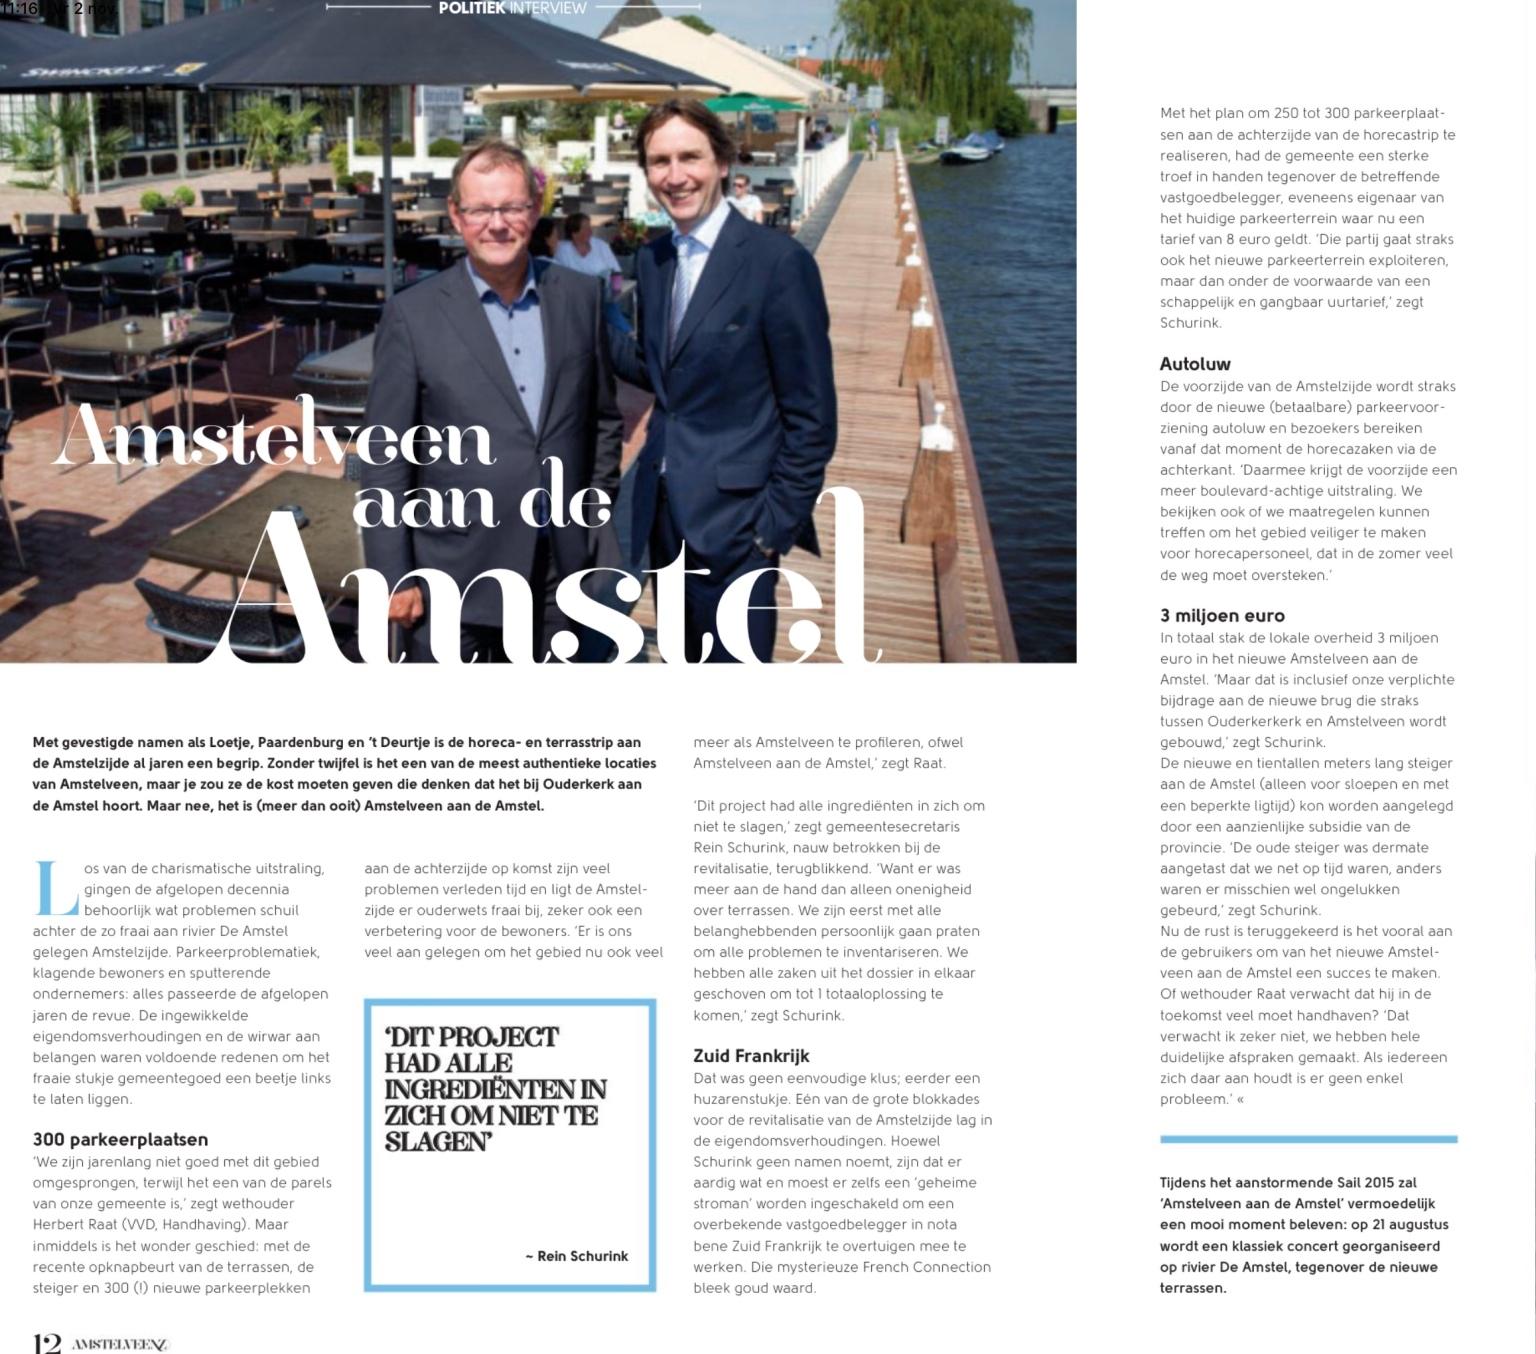 2015- Rein Schurink, Herbert Raat, Amstelveenz over Amstelveen aan de Amstel